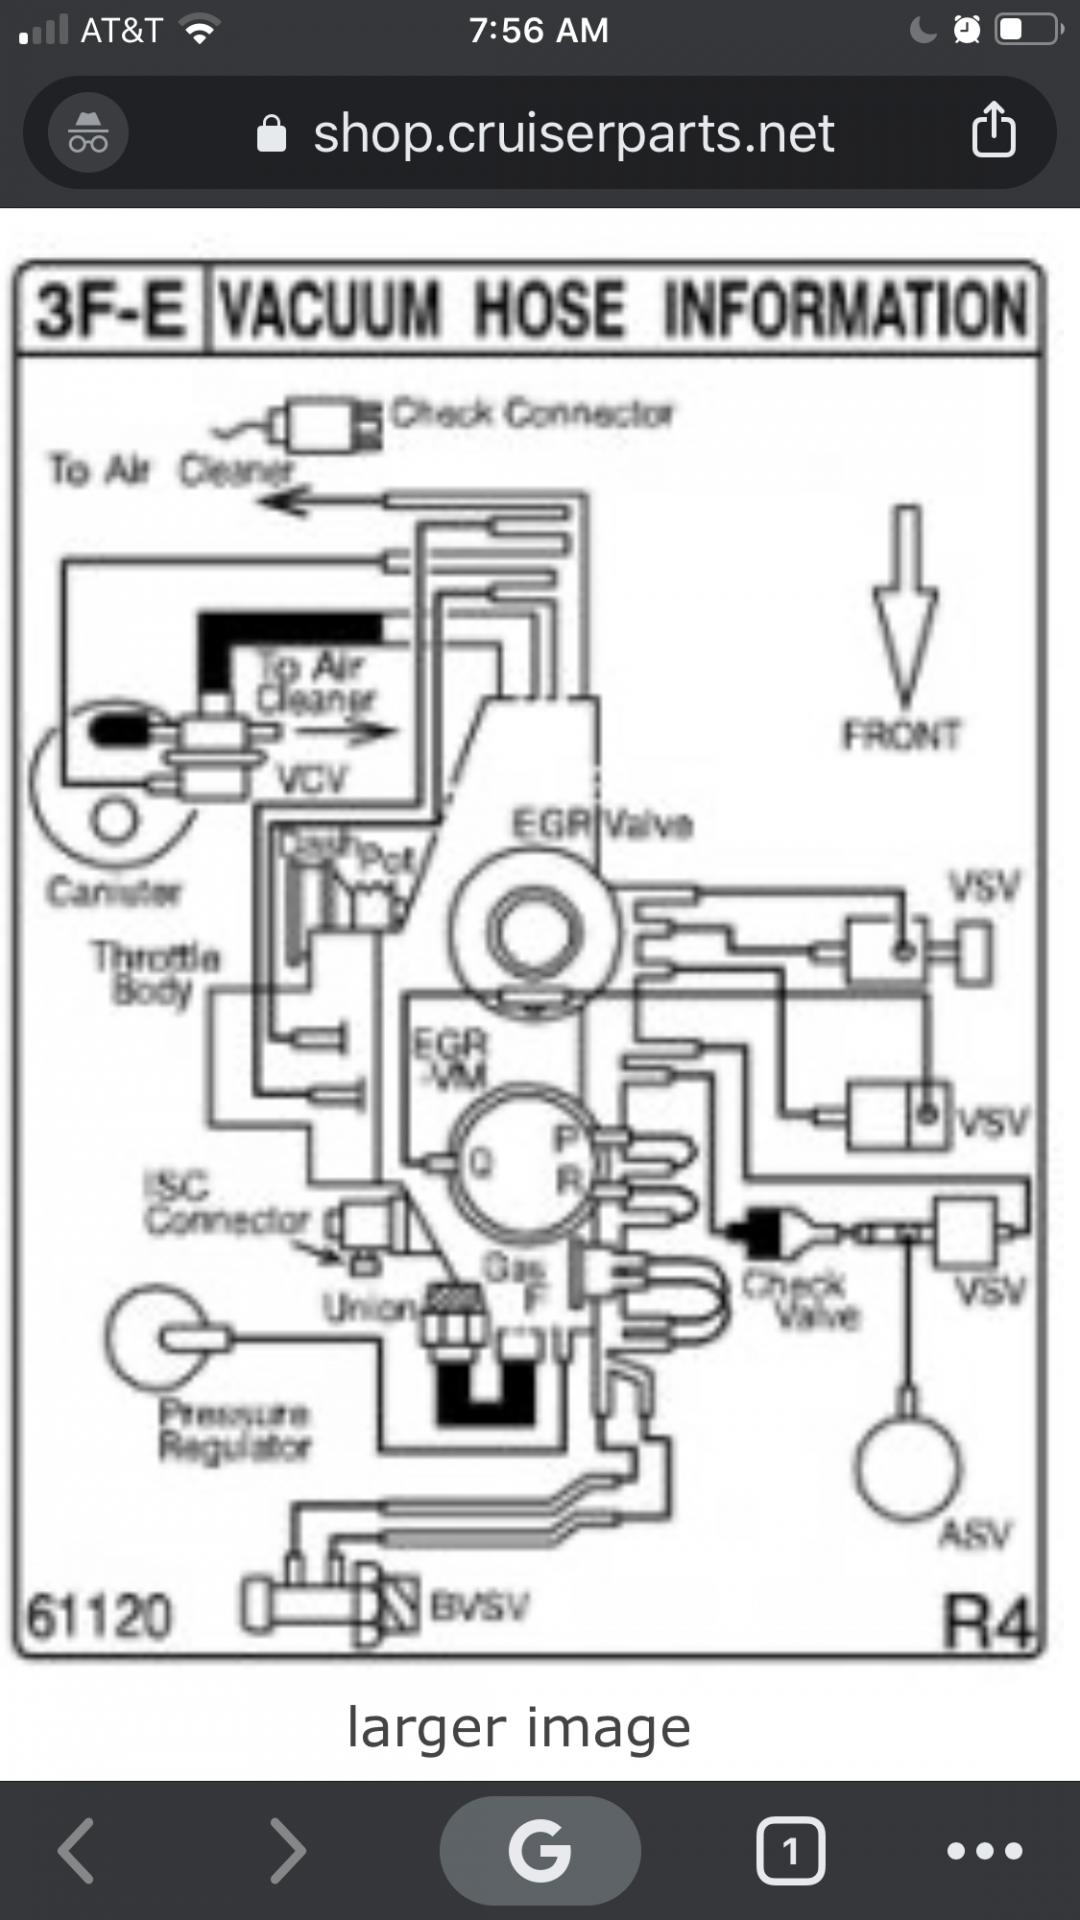 FC248315-F08C-4F2D-BD13-7F4D4C13143B.png